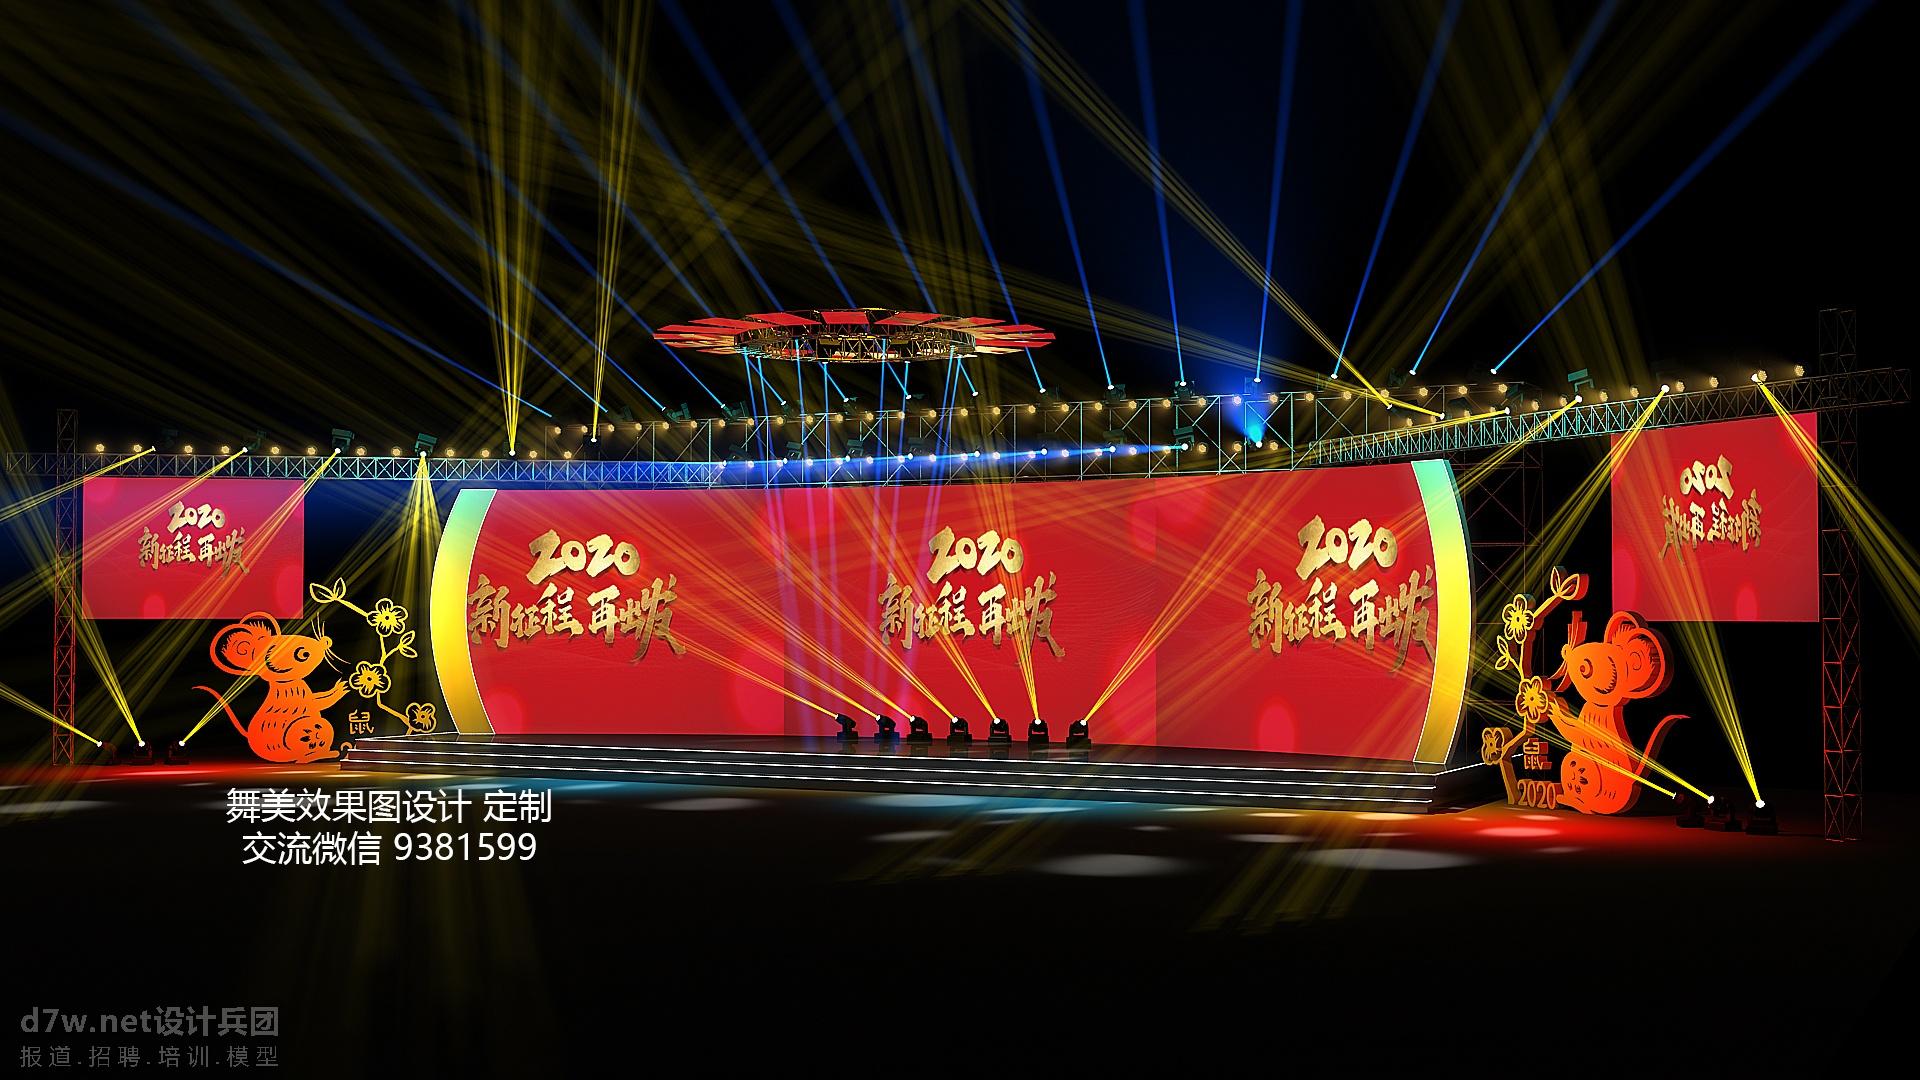 2020年会 2020舞美设计 2020舞台设计 舞美效果图 舞台效果图 年会设计定制 晚会设计定制 舞美设计图 舞台设 ...